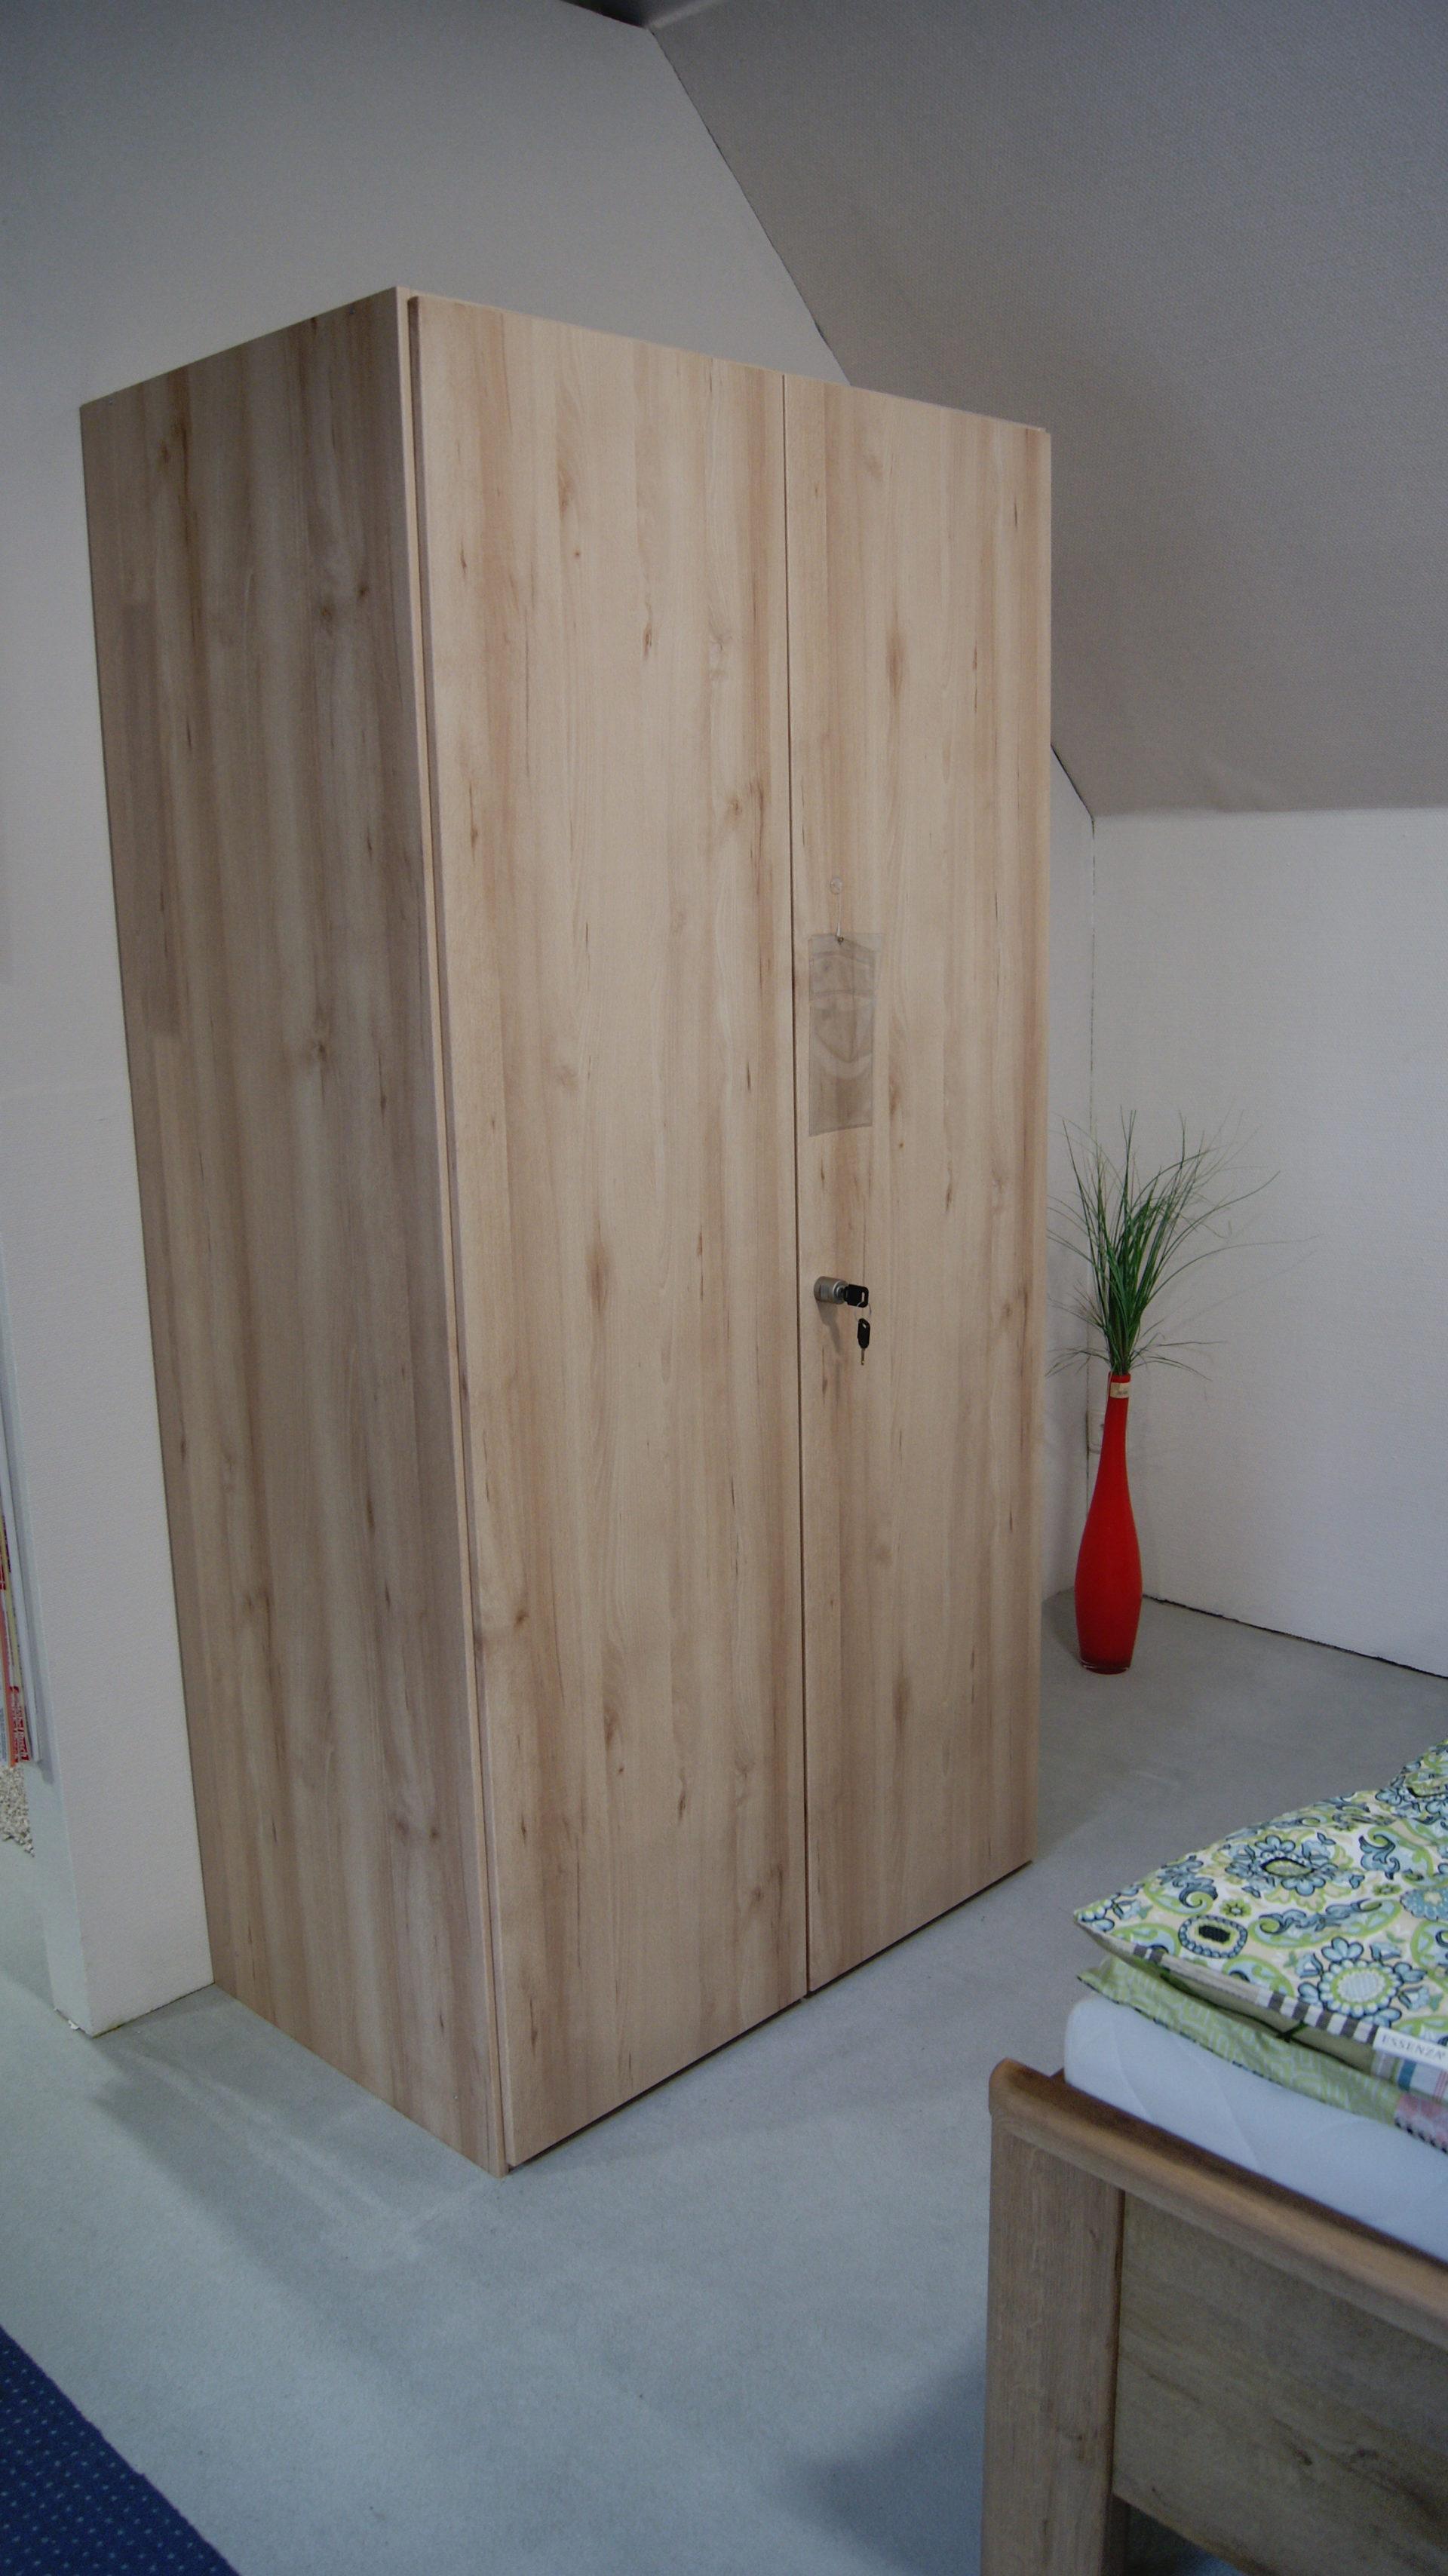 Möbel Busch Räume Schlafzimmer Kleiderschränke Möbel Busch